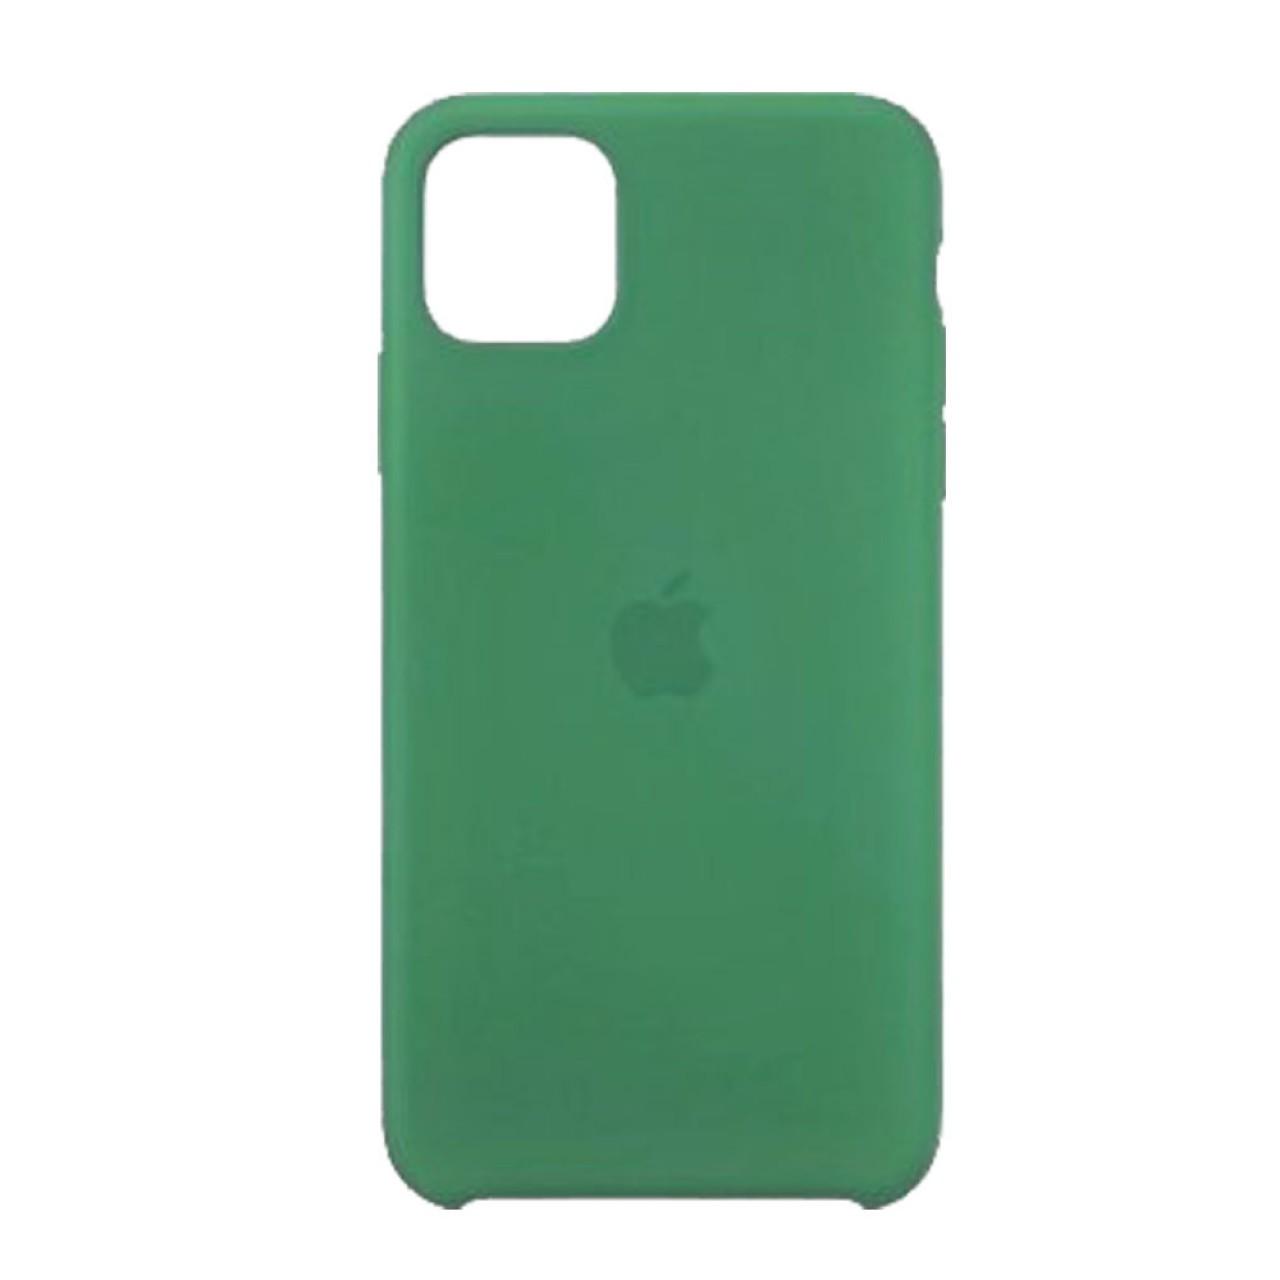 ΘΗΚΗ ΠΡΟΣΤΑΣΙΑΣ ΣΙΛΙΚΟΝΗΣ ΓΙΑ iPhone 11 PRO MAX ΠΡΑΣΙΝΗ - BACK COVER SILICON CASE GREEN - OEM